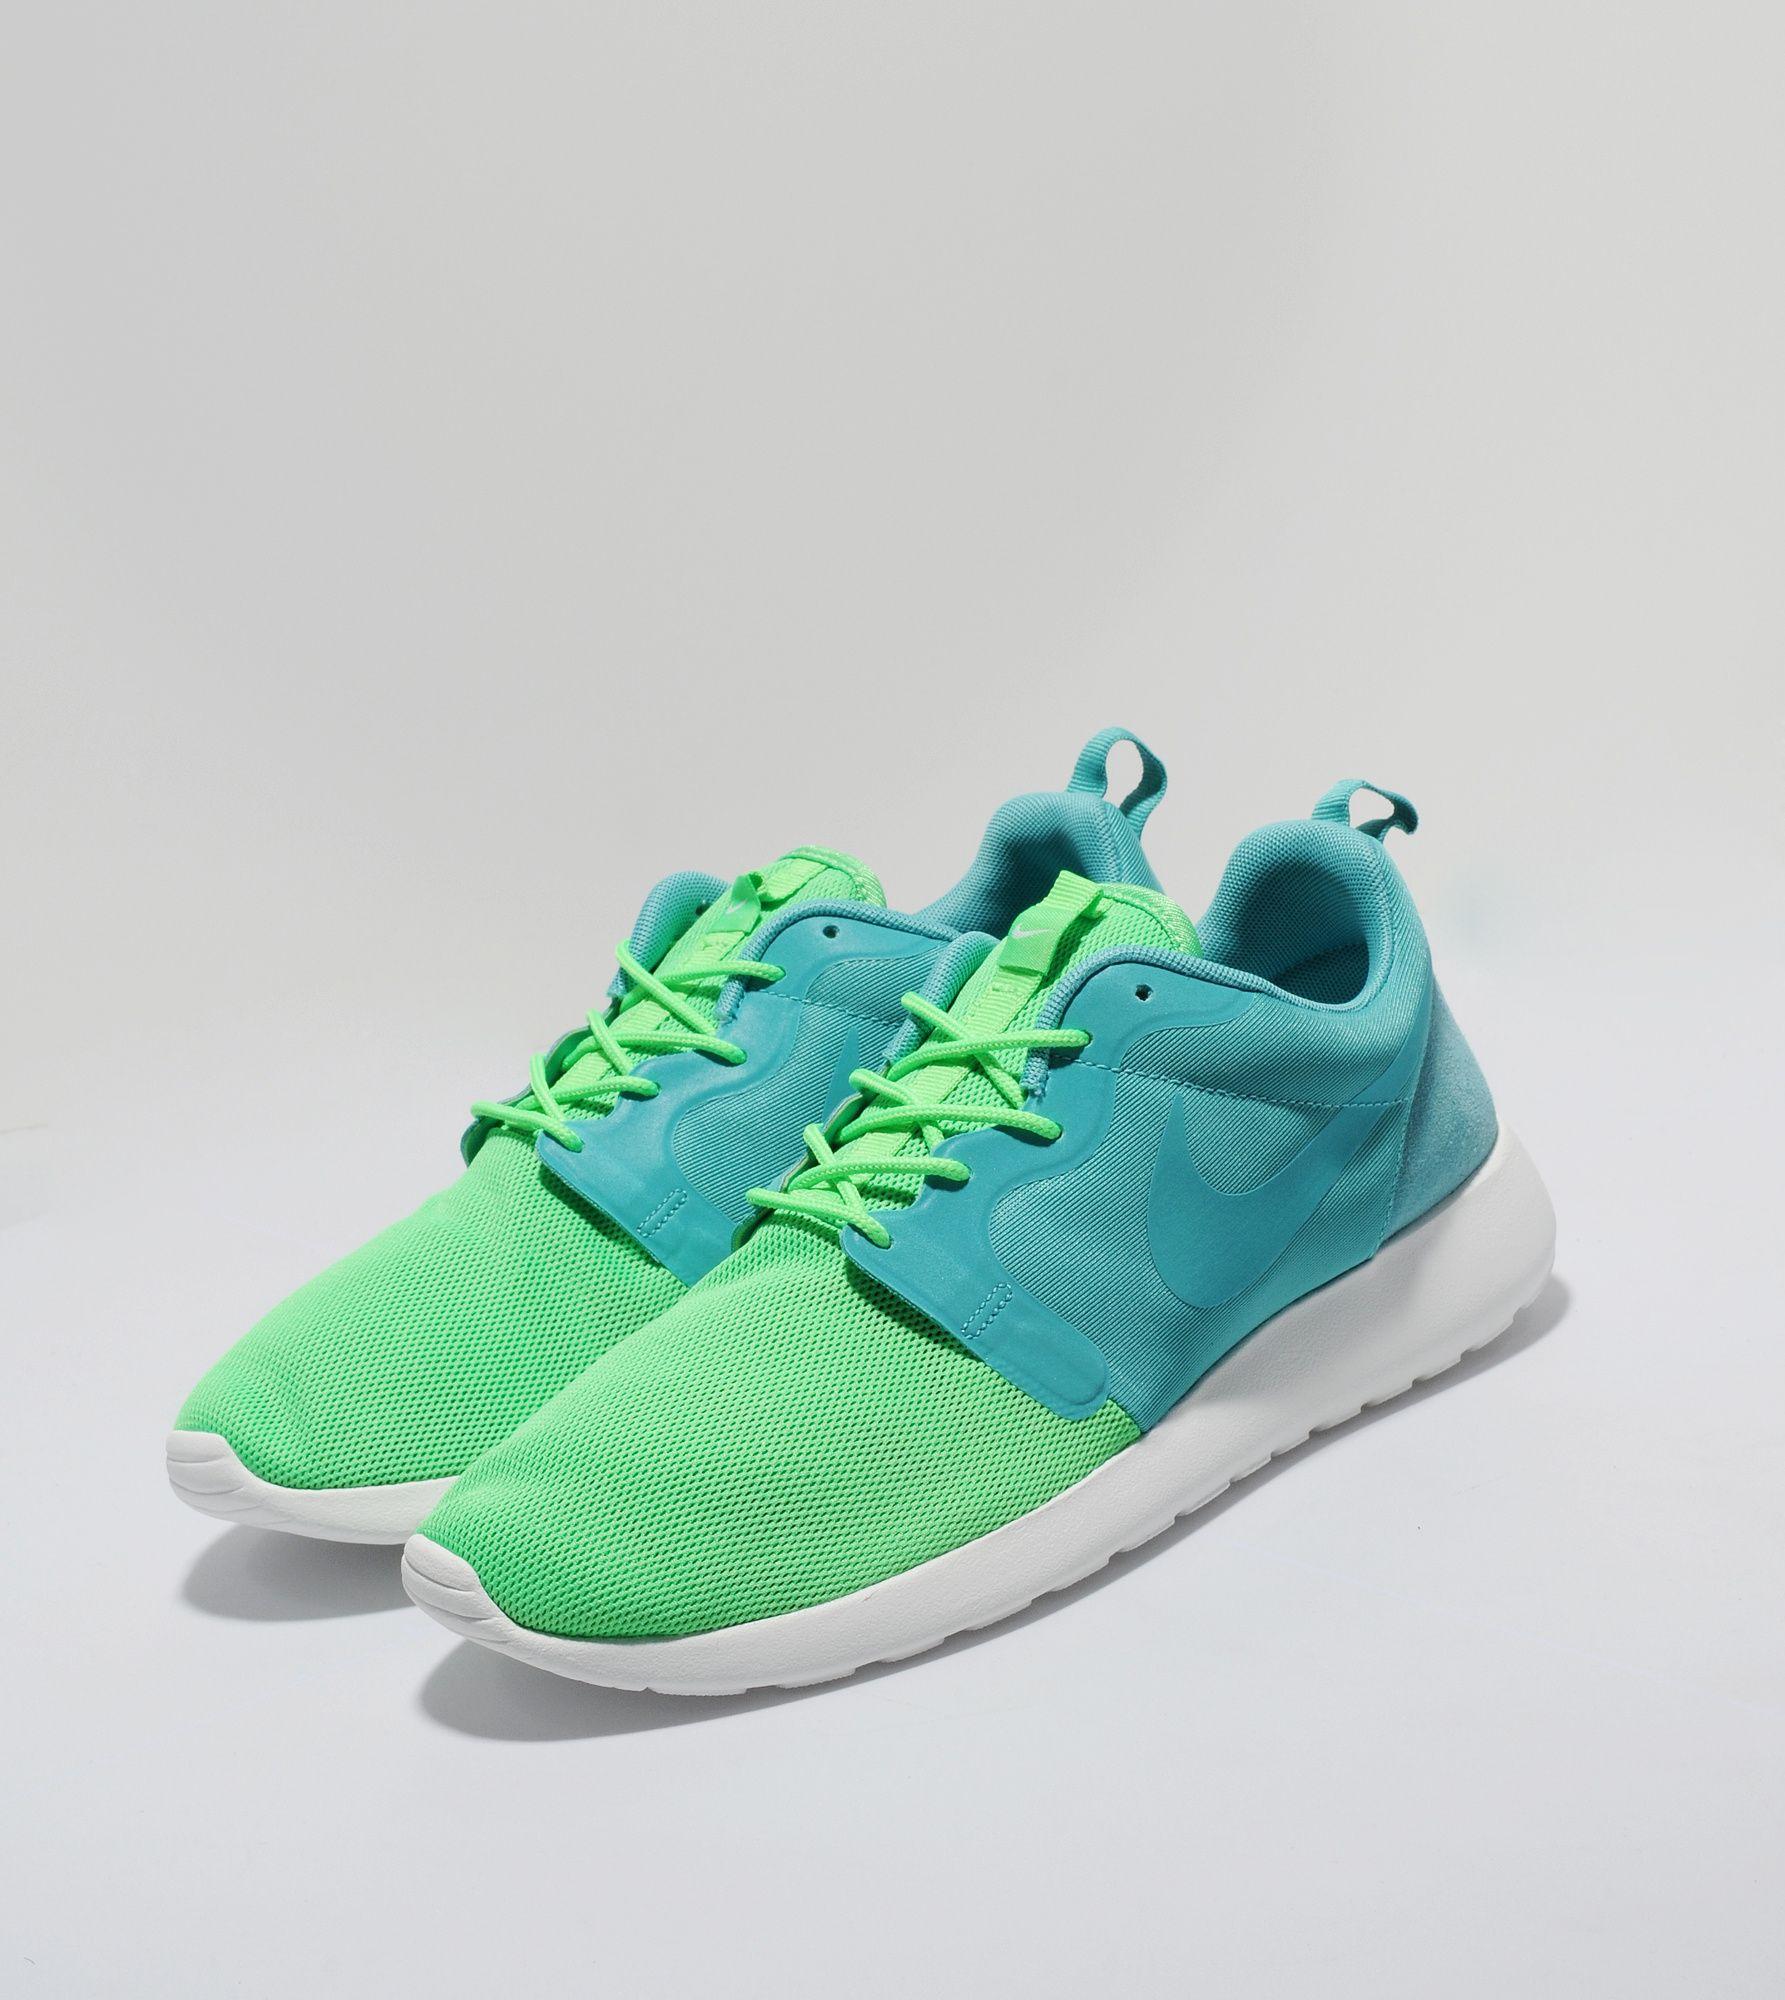 oomvj Nike Roshe Run Hyperfuse QS | Size?